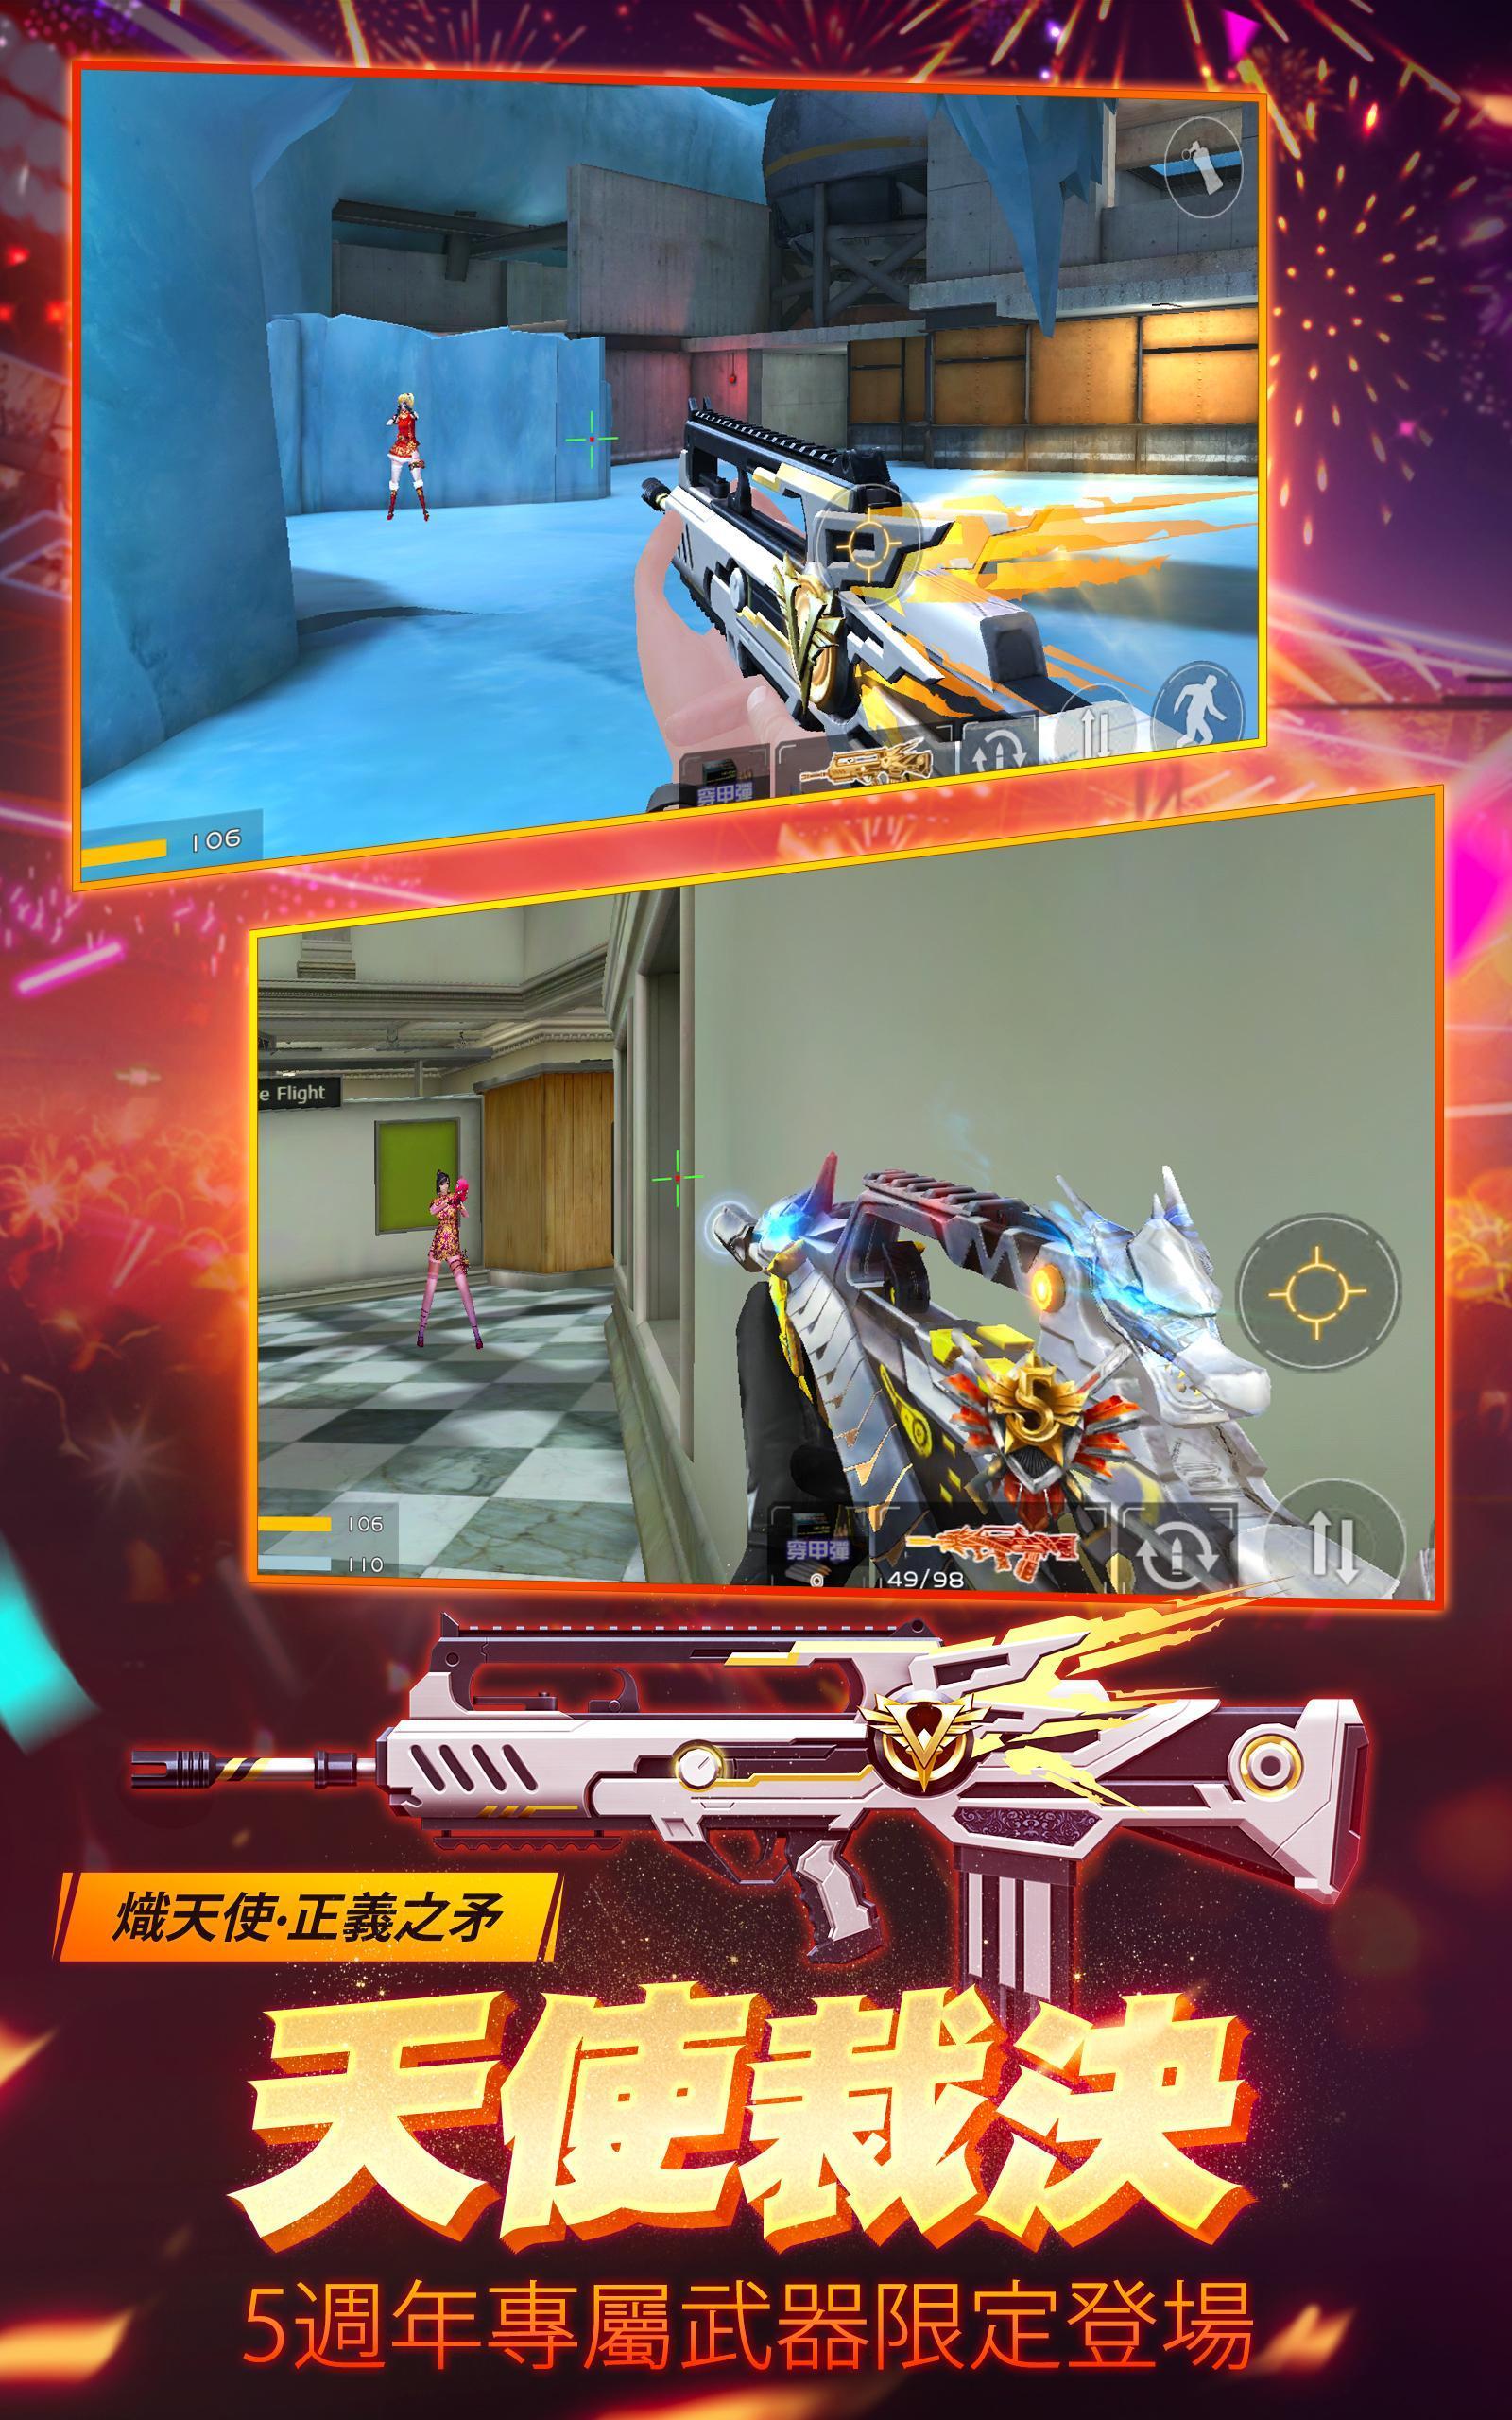 全民槍戰Crisis Action: No.1 FPS Game 3.10.03 Screenshot 12